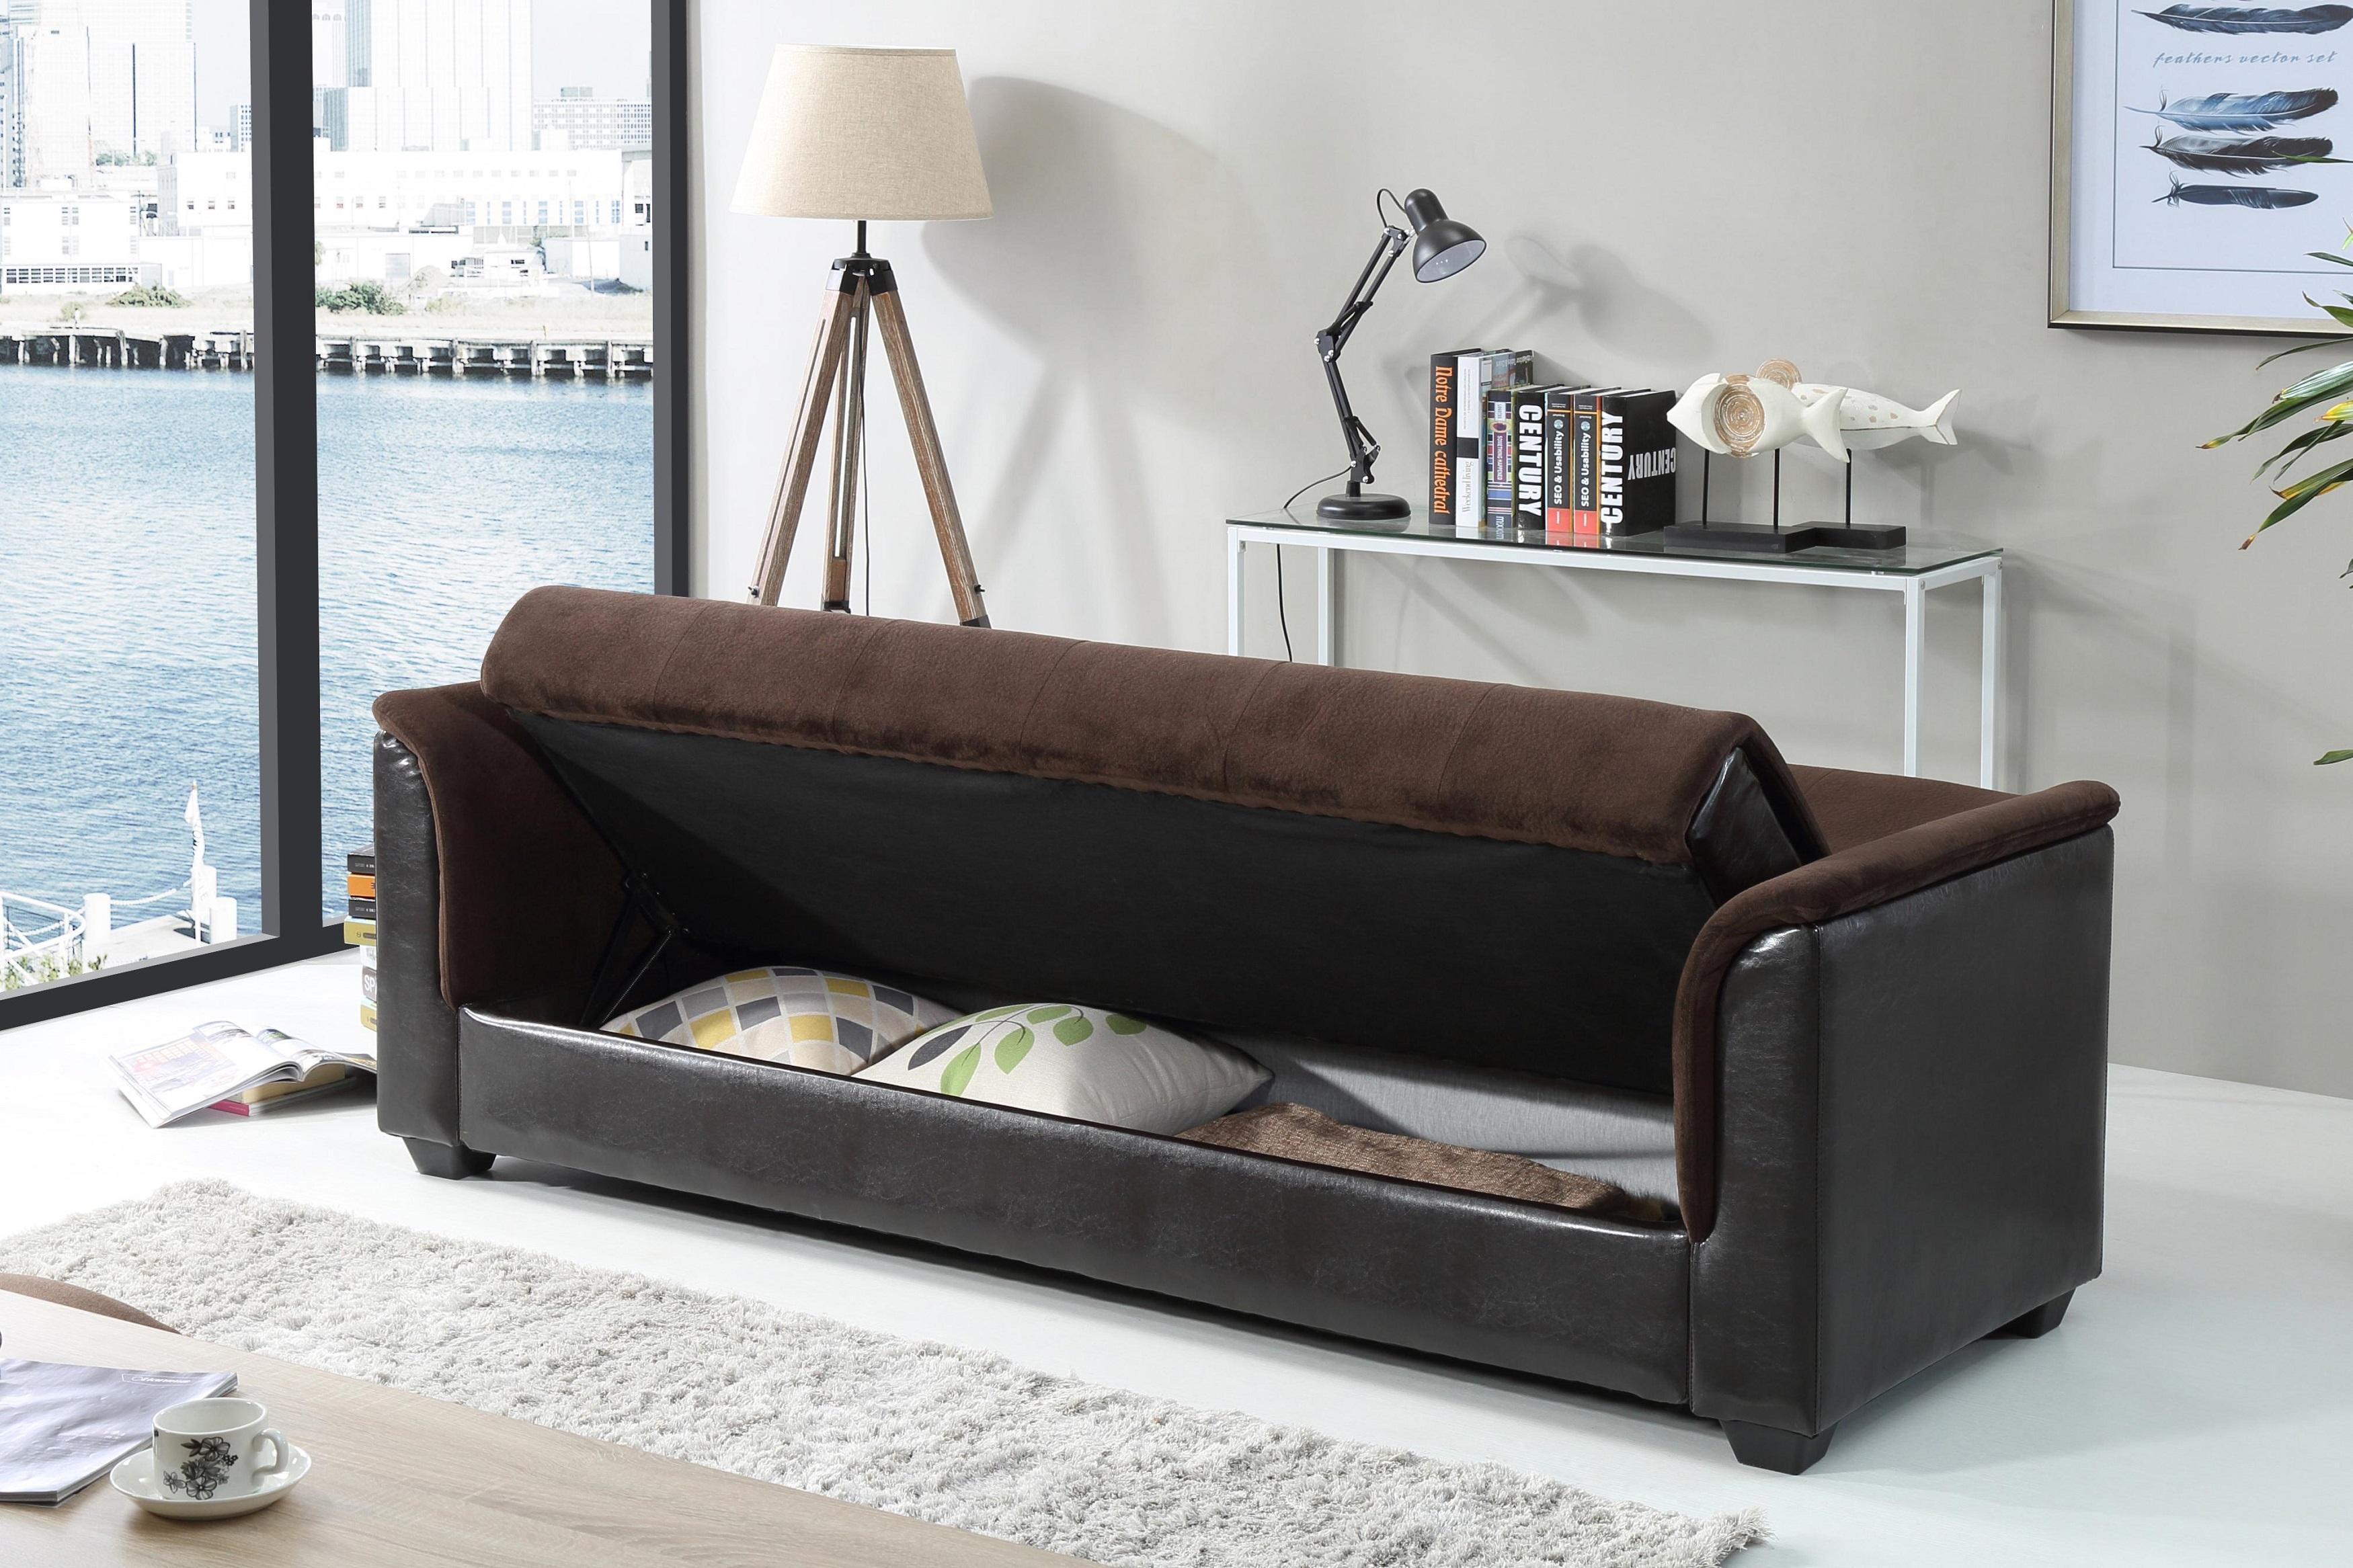 Amazon NHI Express Melanie Futon Sofa Bed with Storage